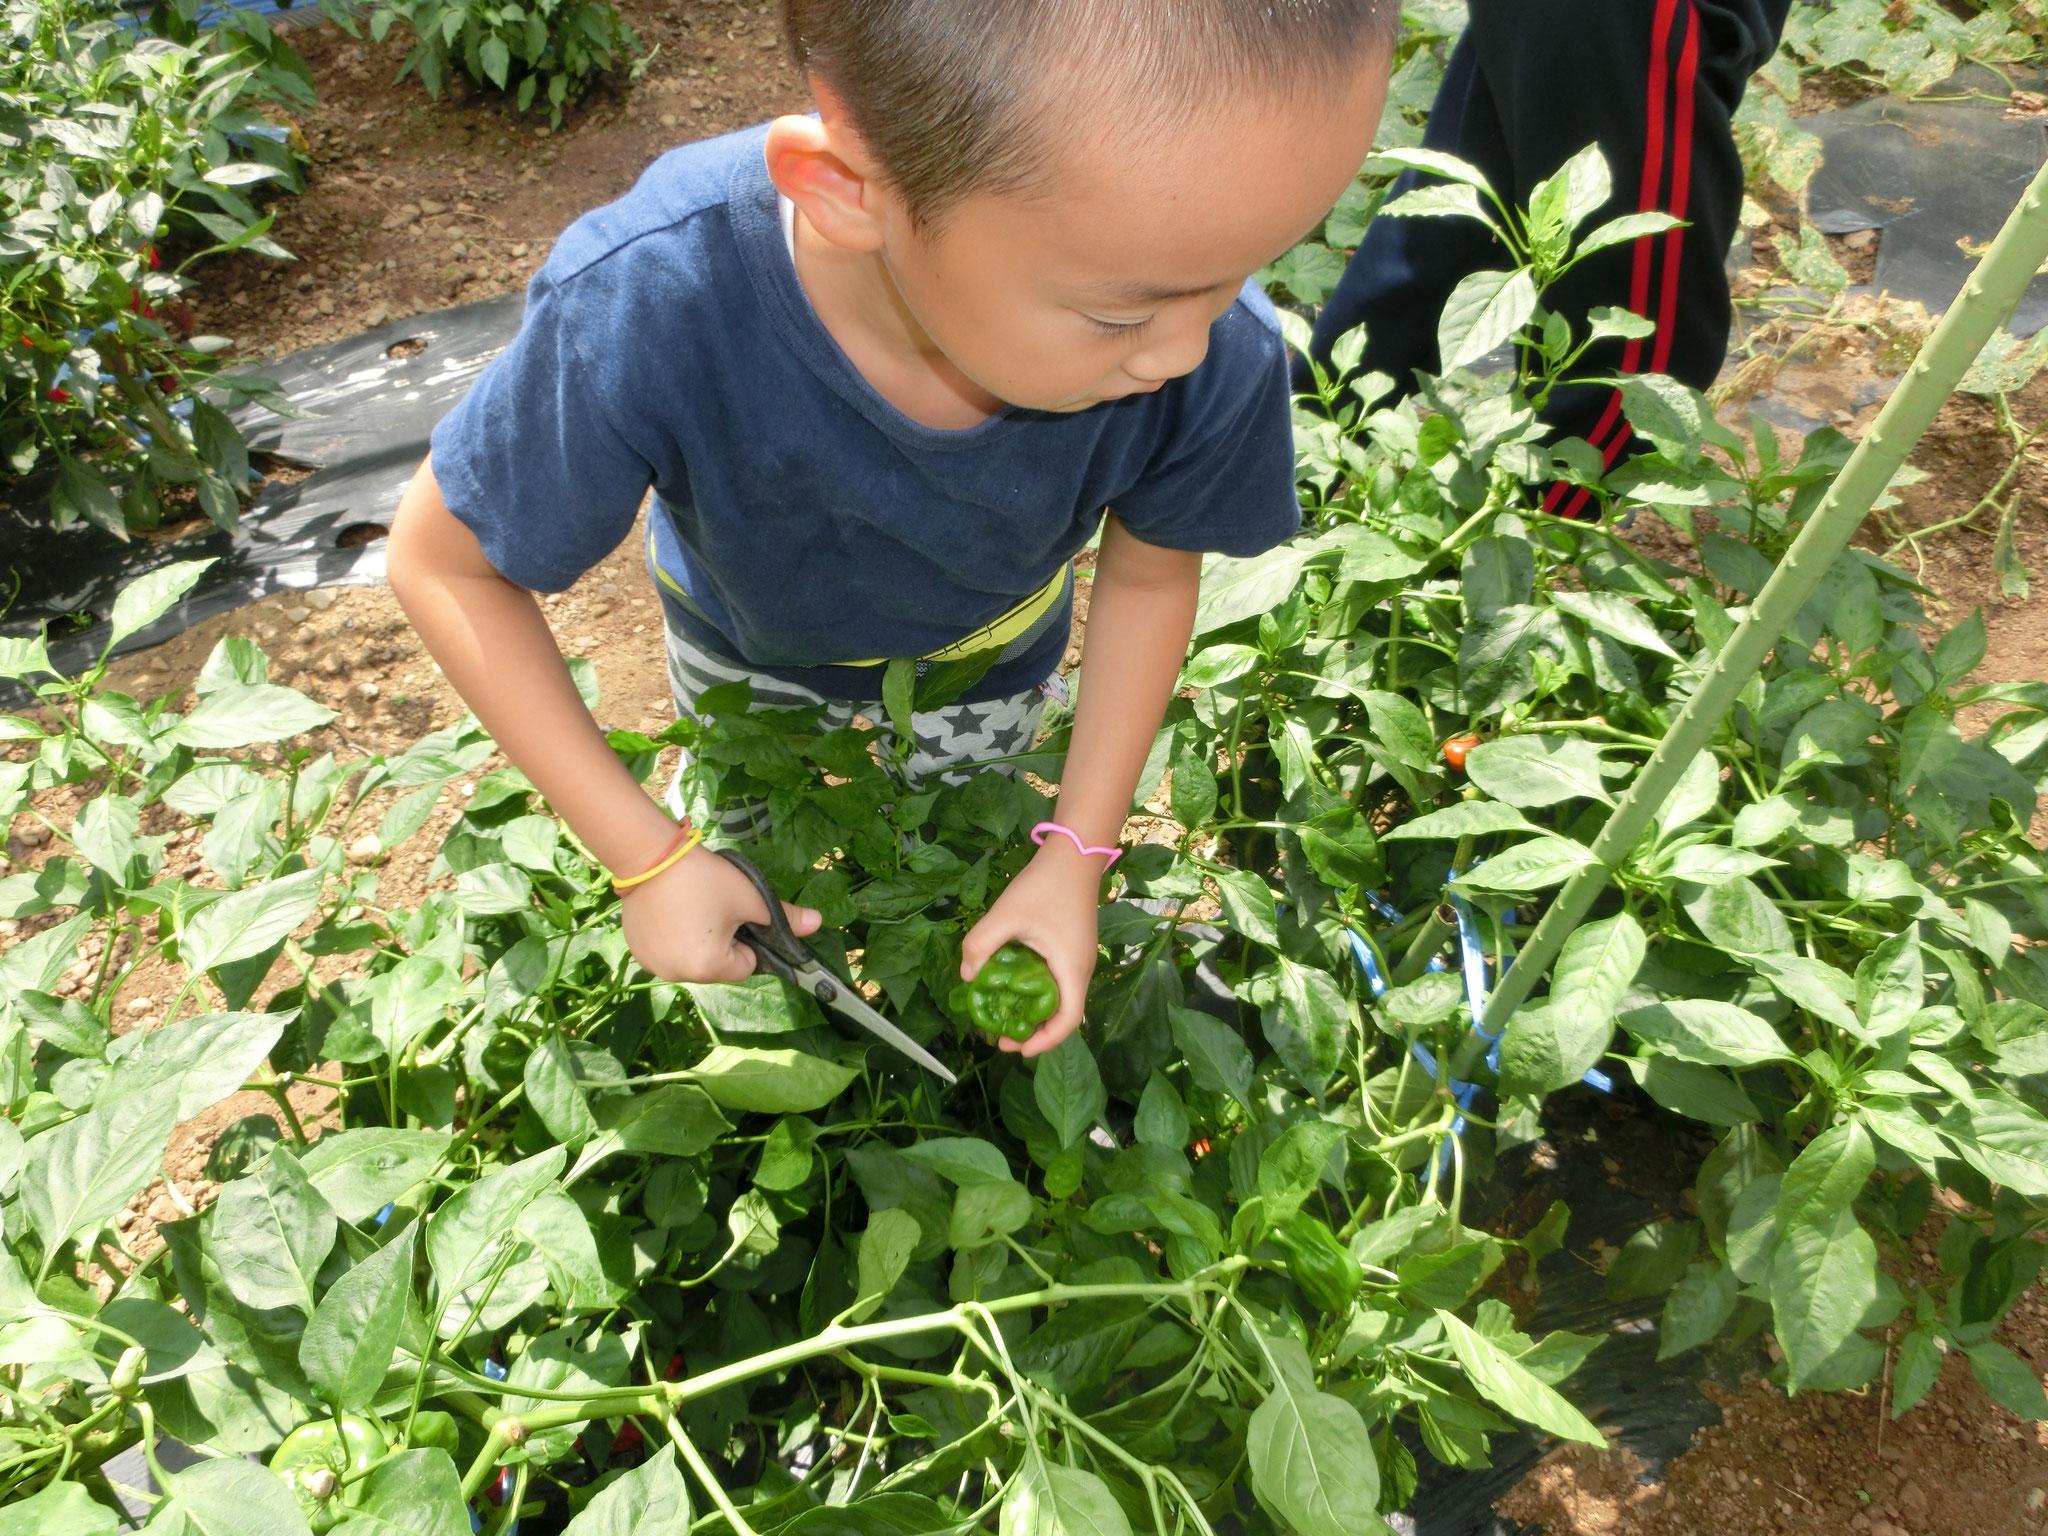 作物はトマト・きゅうり・ピーマン・etc、食べ放題